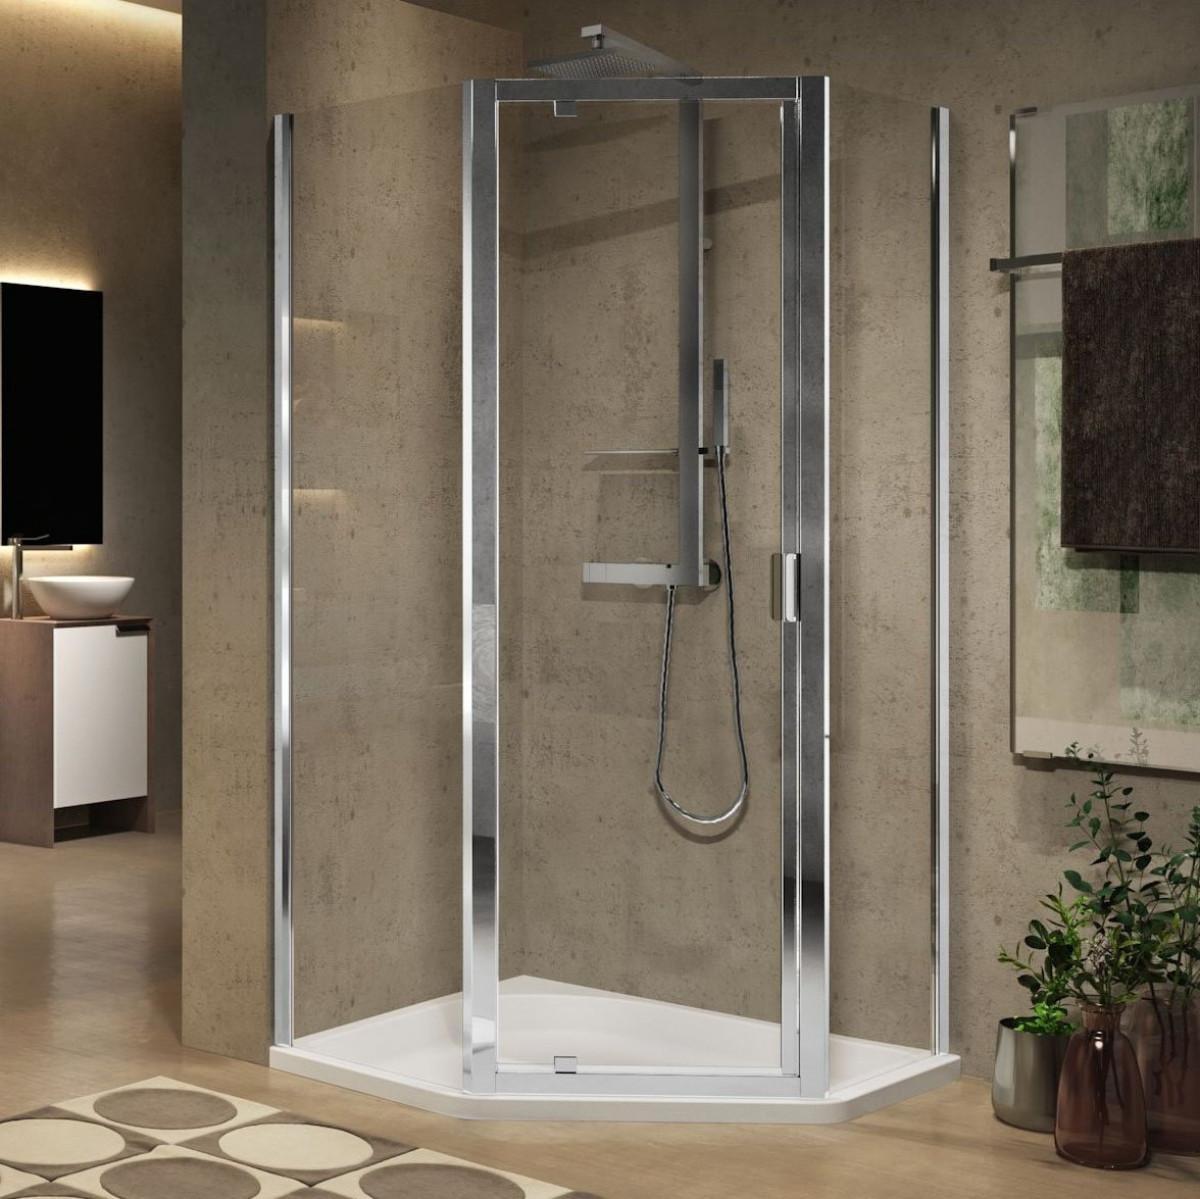 Novellini lunes 2 0 pentagonal g shower enclosure for Novellini shower doors